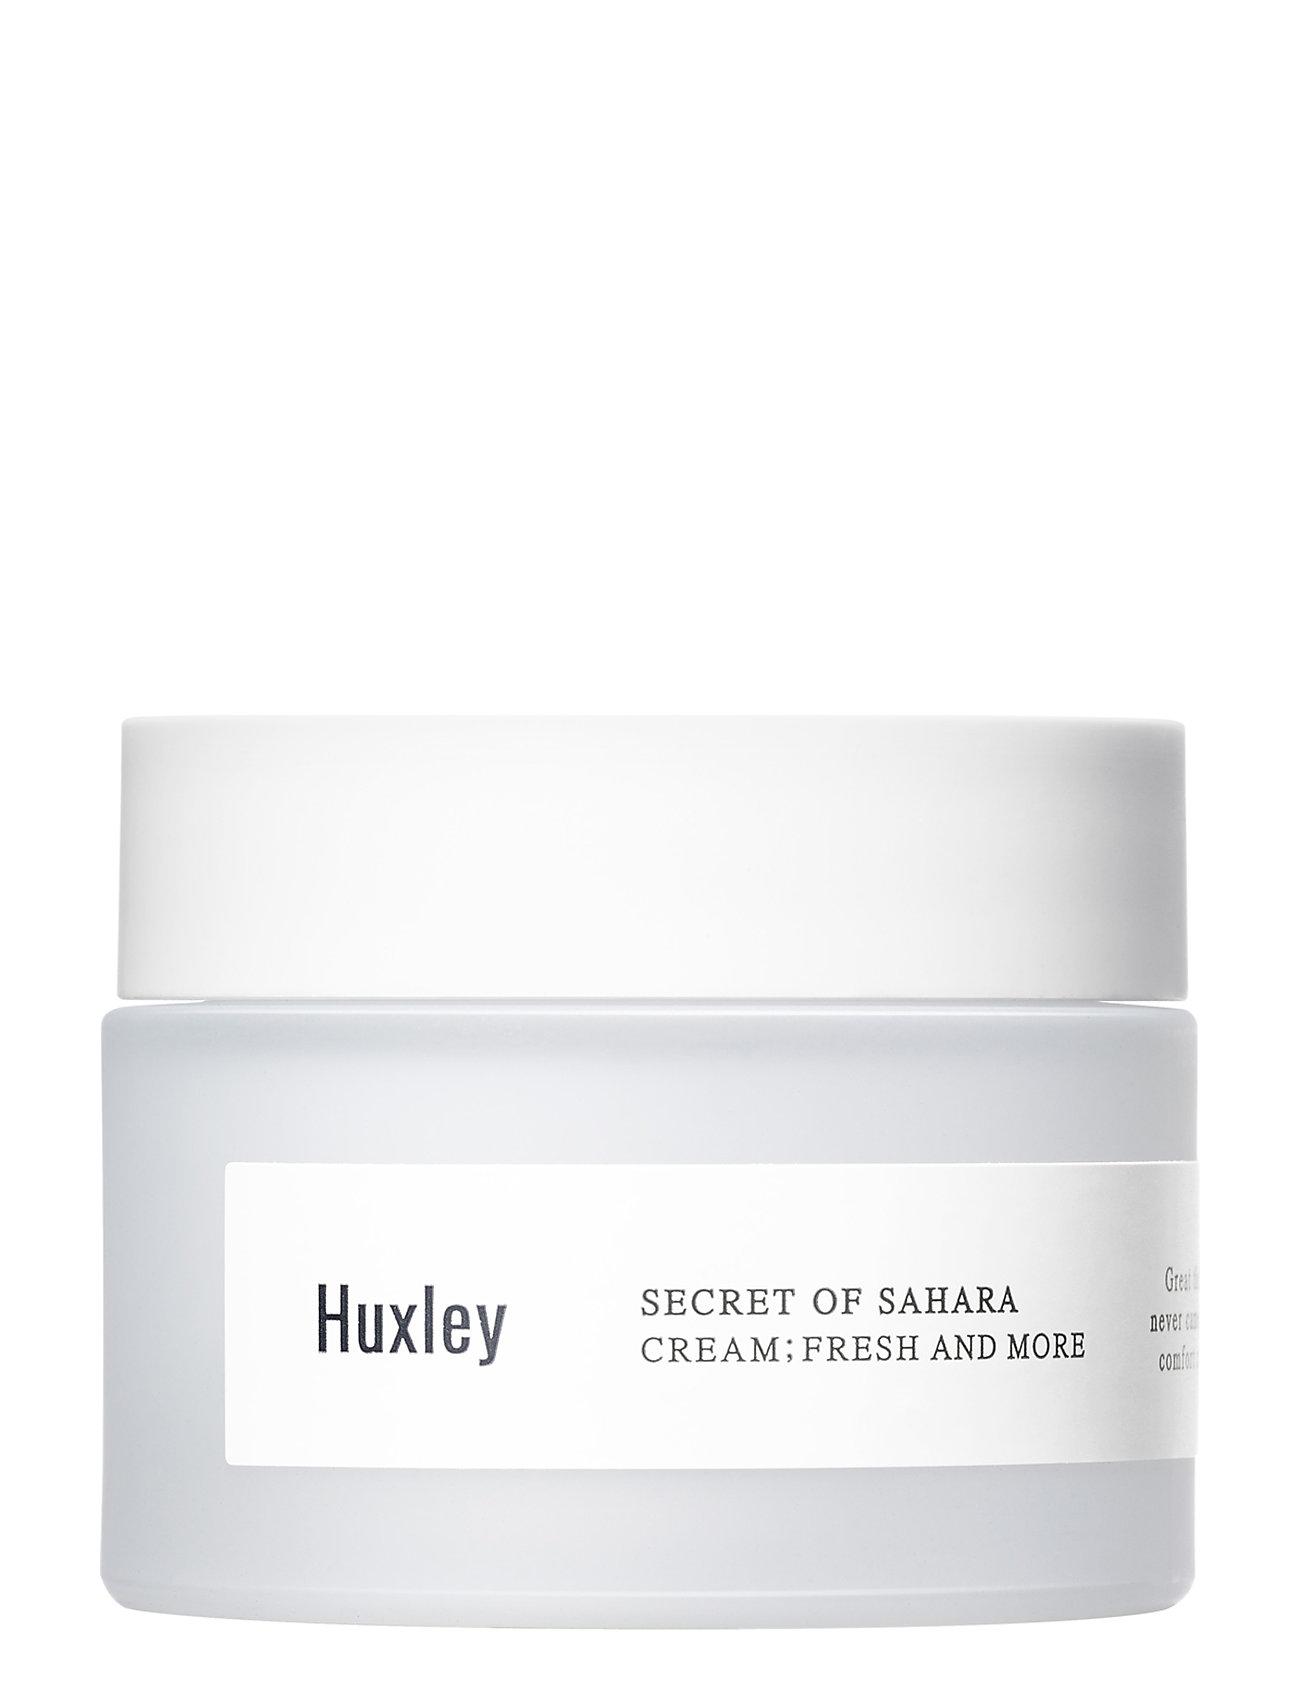 Image of Huxley Cream: Fresh And More Fugtighedscreme Ansigtscreme Hudpleje Nude Huxley (3347376881)